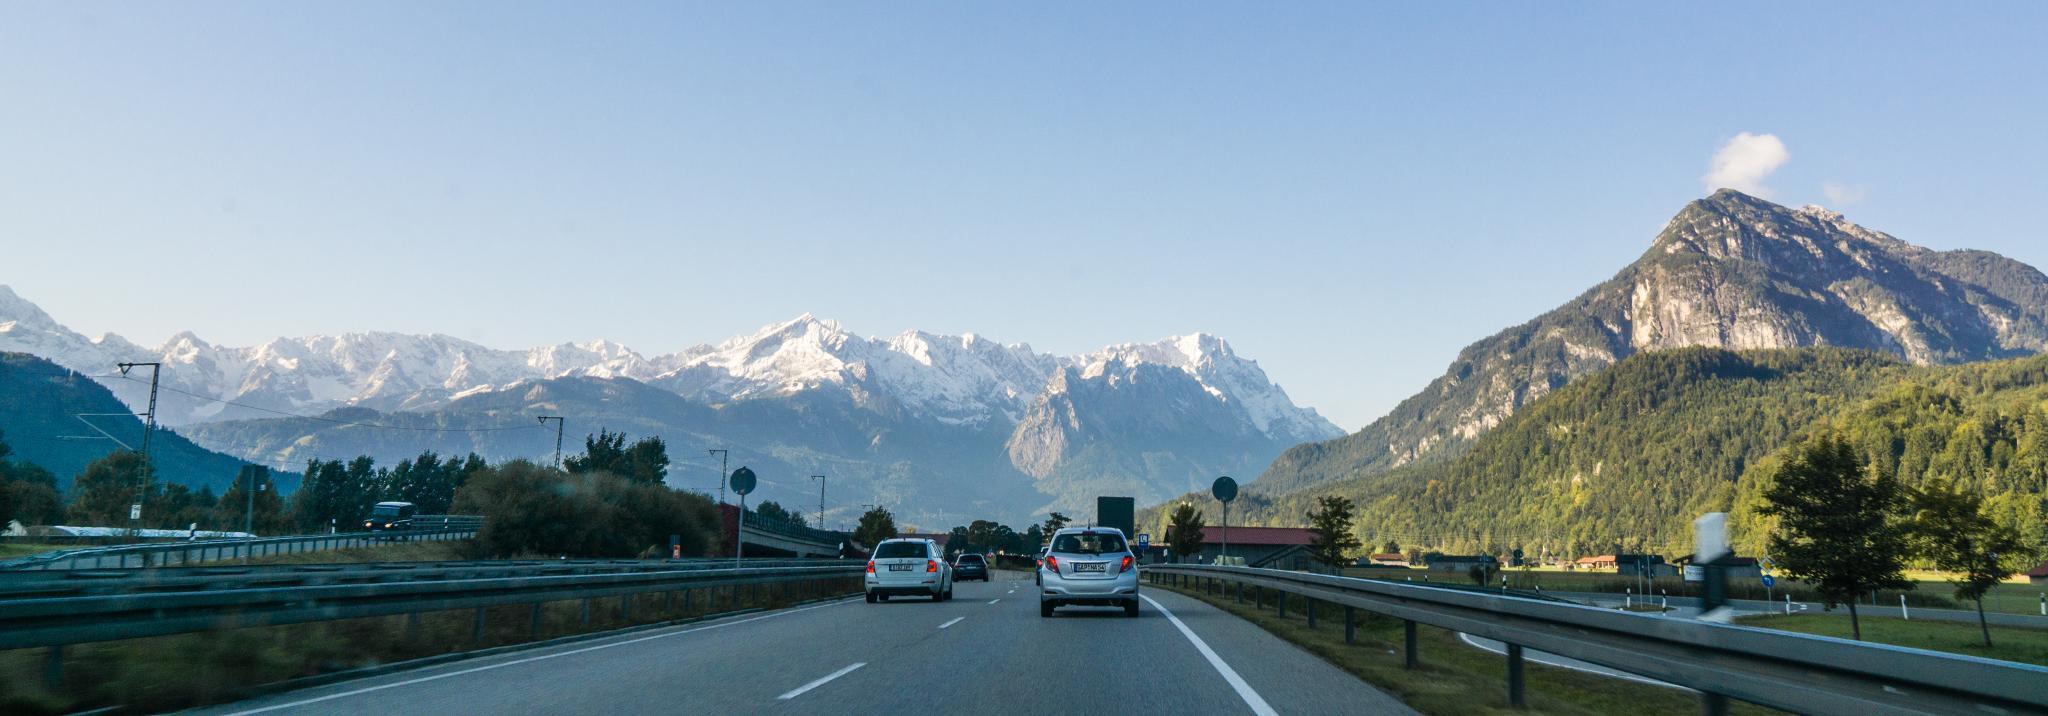 【德國】阿爾卑斯大道:楚格峰 (Zugspitze) 登上德國之巔 6